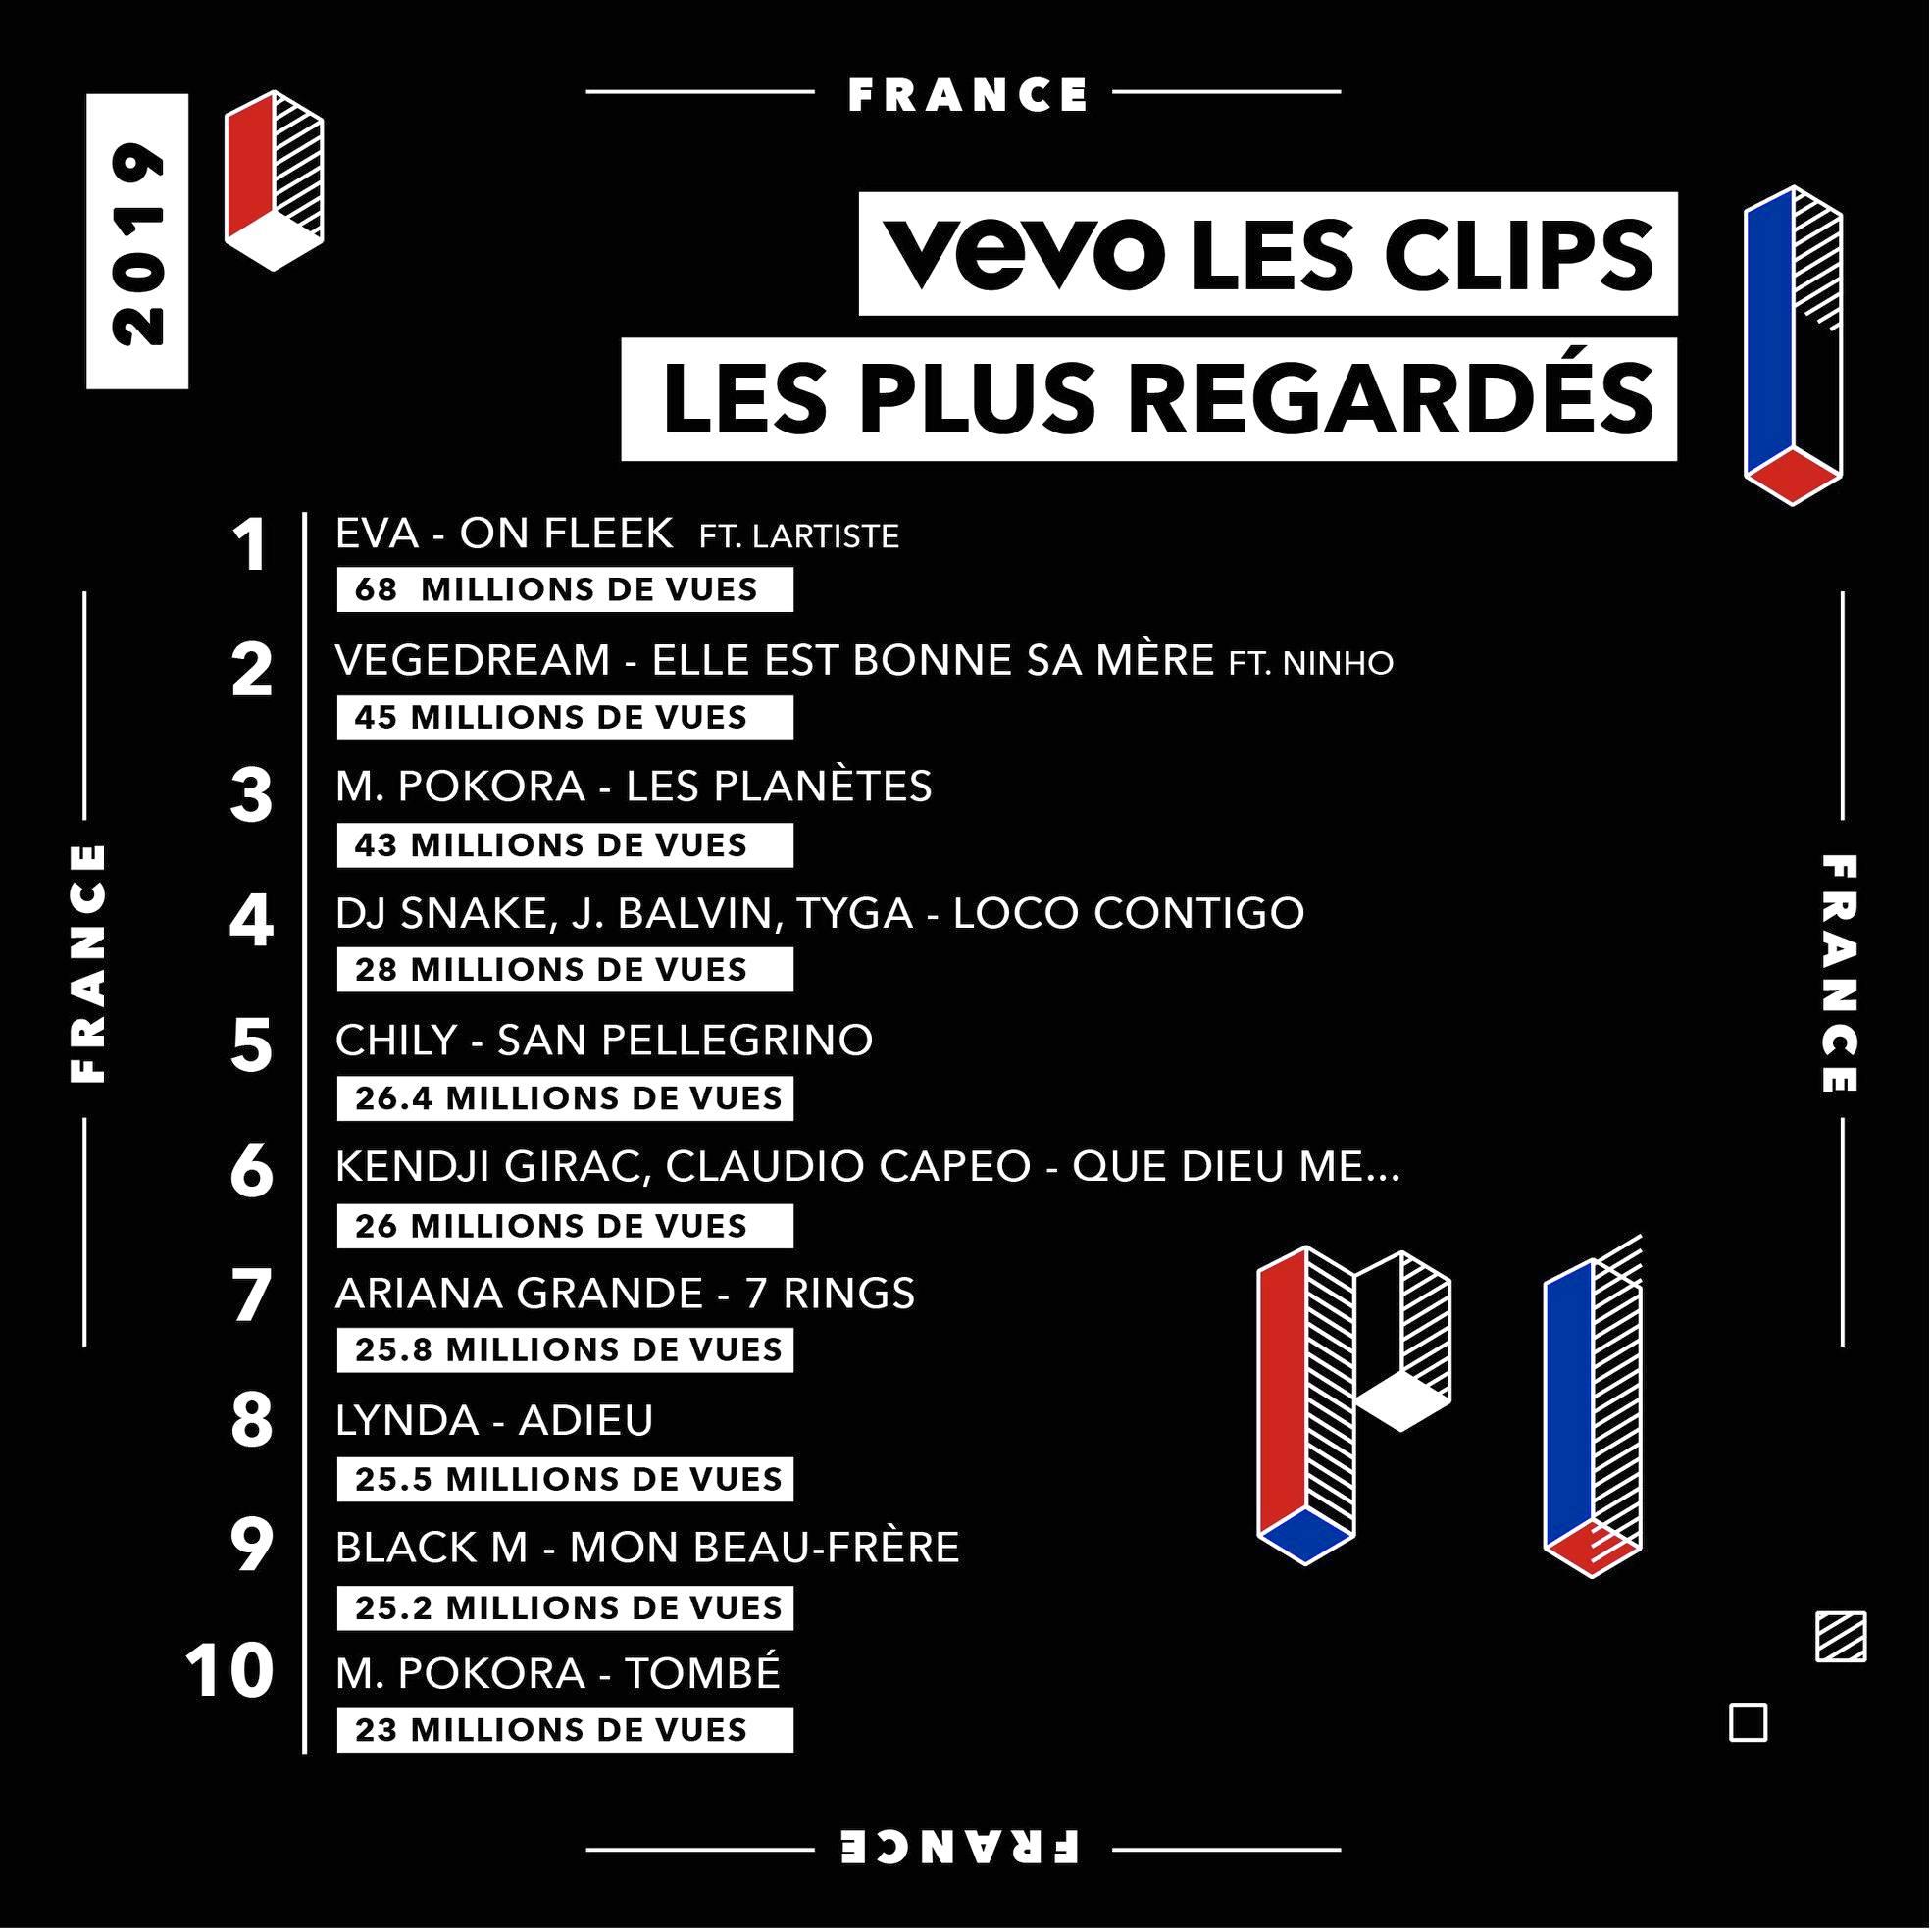 vevo - top clips - 2019